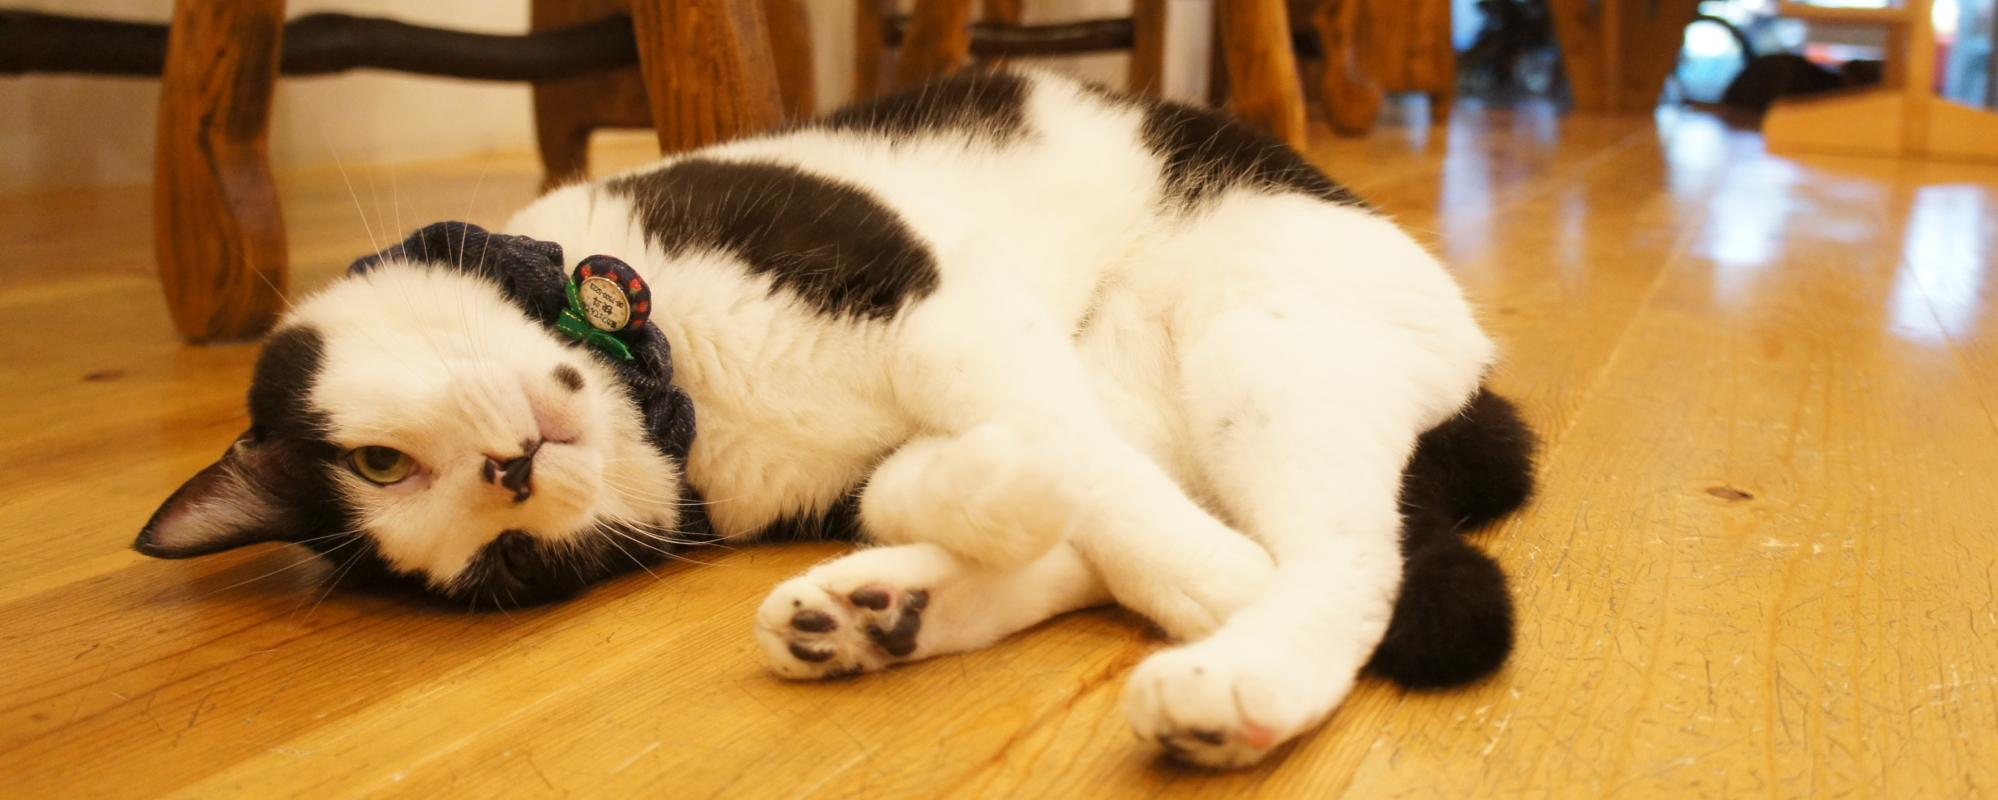 大阪の猫カフェは【猫カフェてんてん】懐こい猫たちと触れ合い放題&なで放題!